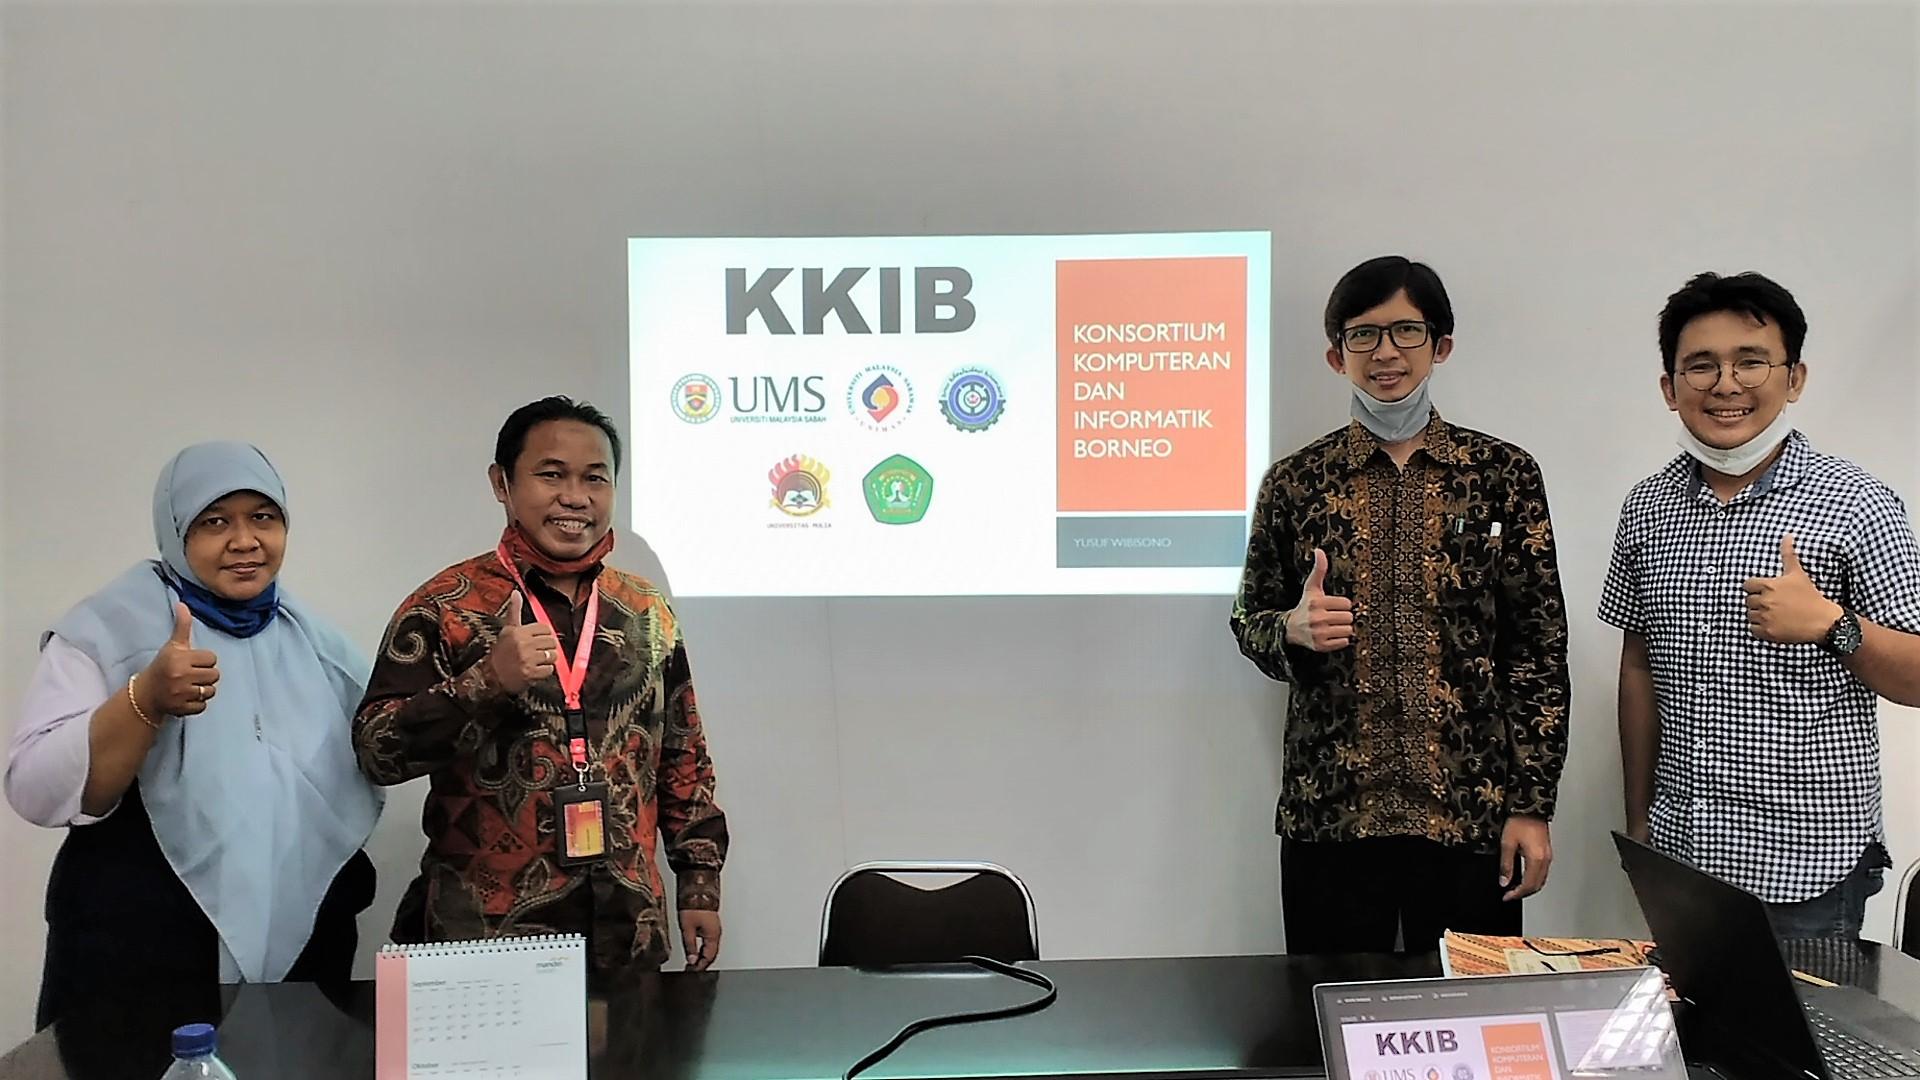 Tim Konsortium Komputeran dan Informatik Borneo Universitas Mulia yang dipimpin Wakil Rektor Bidang Akademik Yusuf Wibisono, S.E., M.T.I (dua dari kiri) usai persiapan pertemuan daring lanjutan dengan Universiti Malaysia Sabah, Kamis (24/9). Foto: PSI